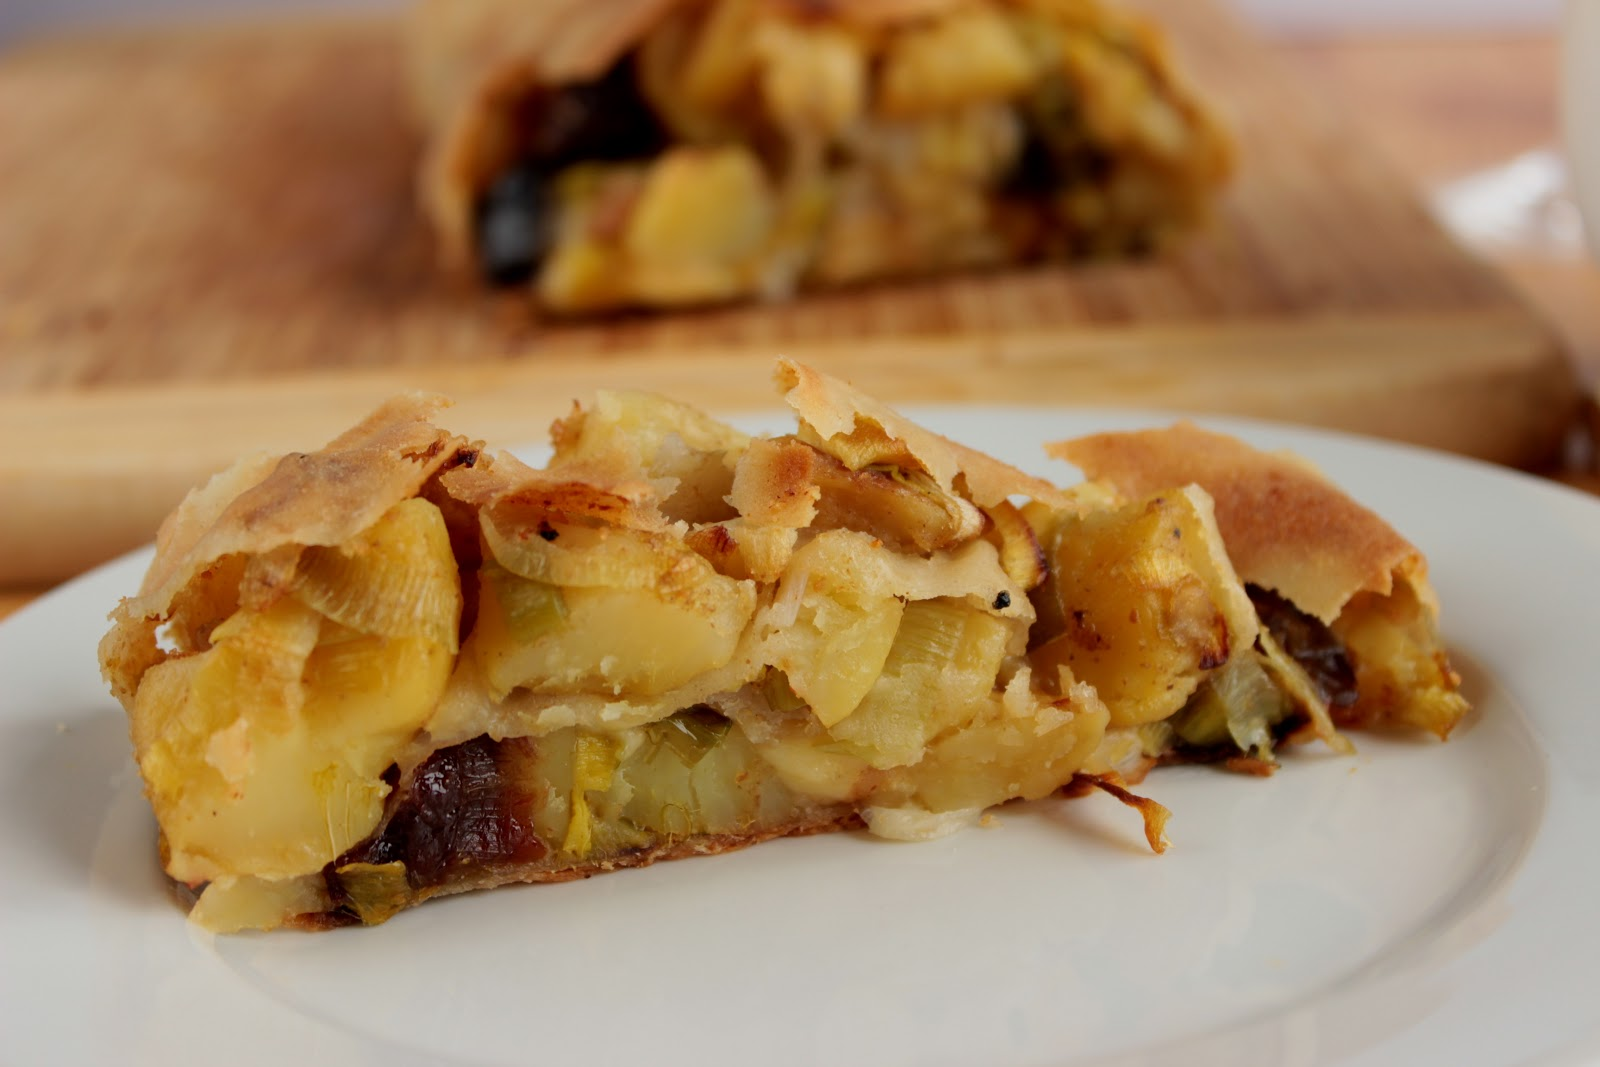 aardappel strudel,taart maken